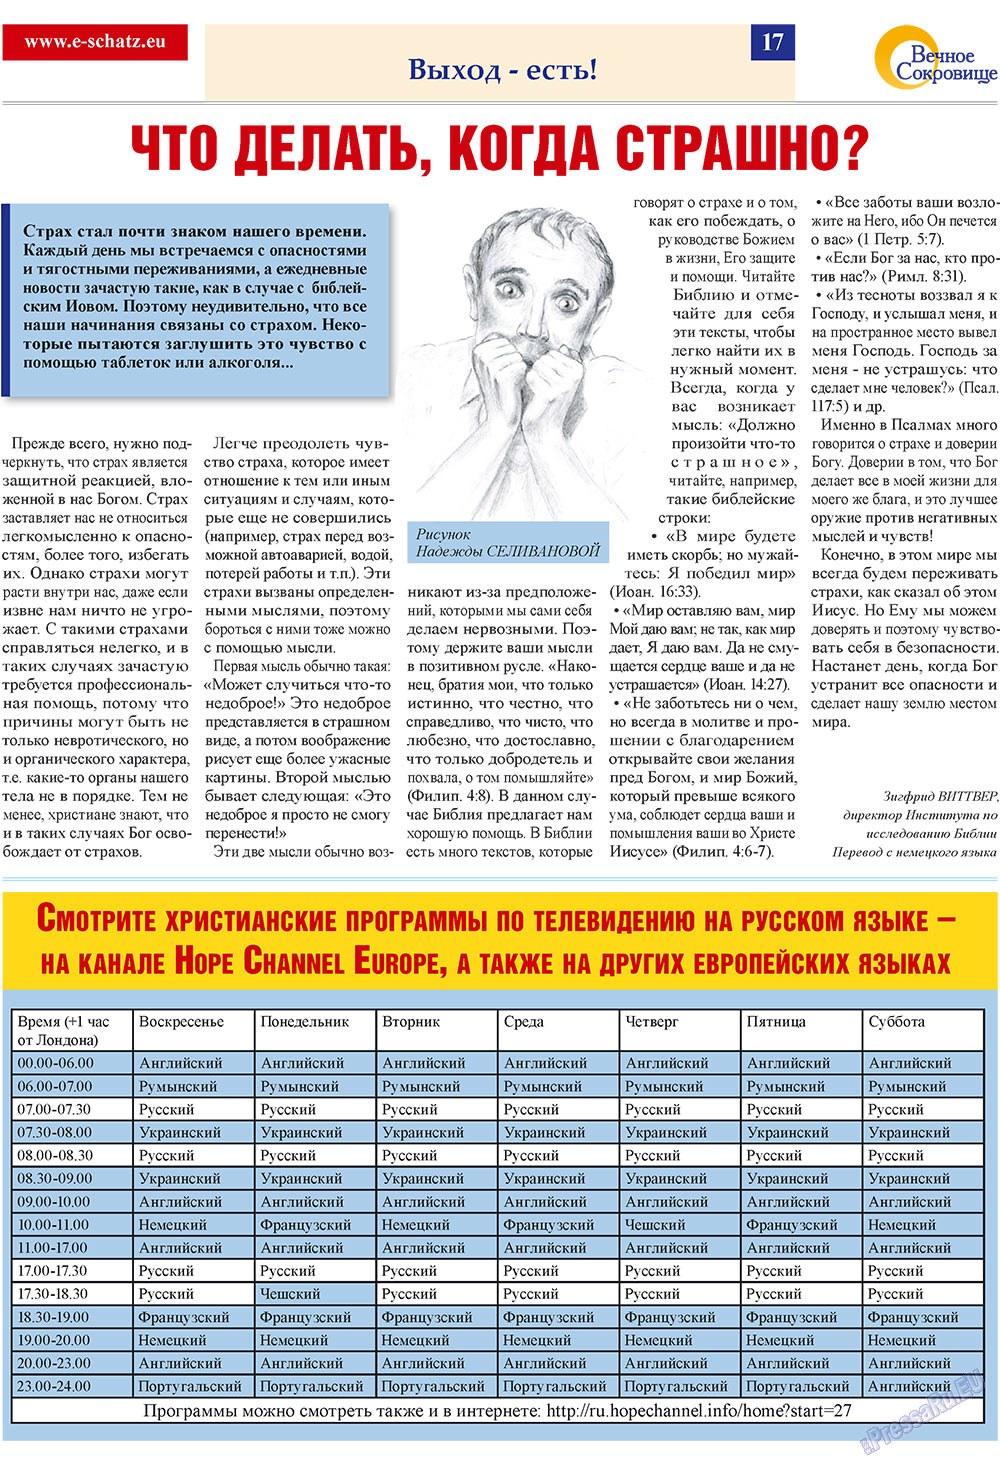 Вечное сокровище (газета). 2009 год, номер 3, стр. 17